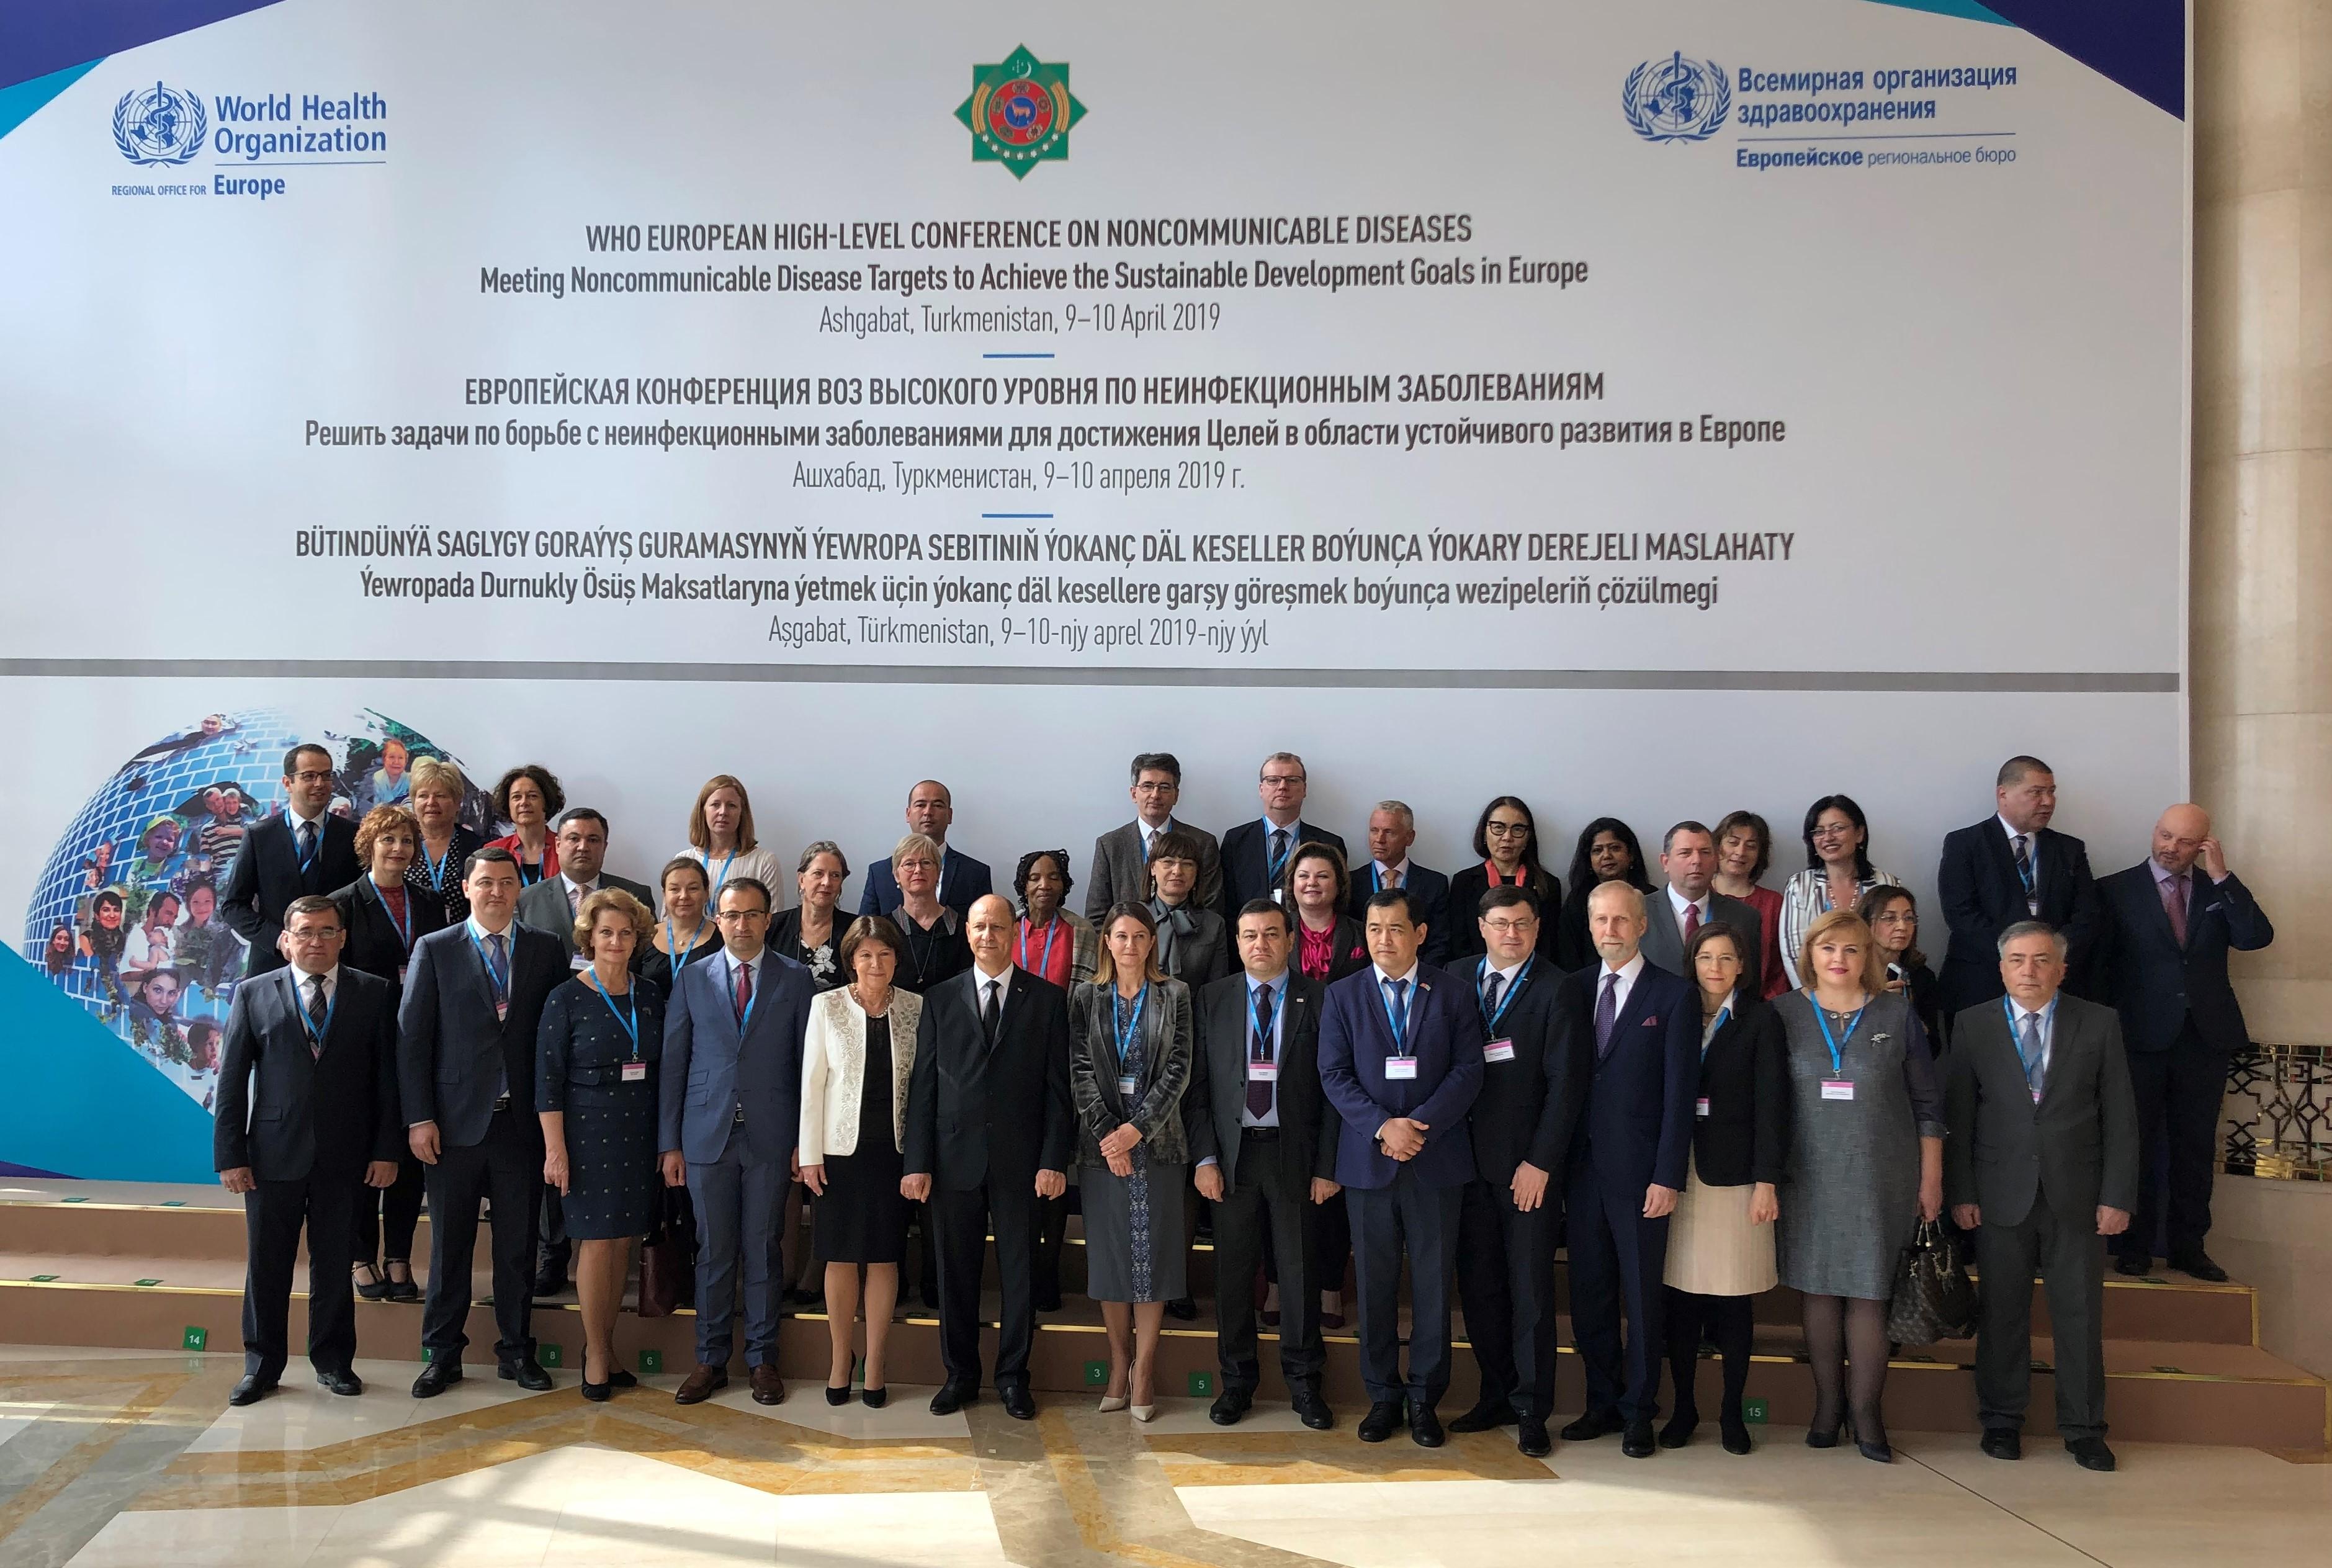 Photo of Արսեն Թորոսյանն Աշխաբադում մասնակցել է ԱՀԿ եվրոպական բարձրաստիճան համաժողովին